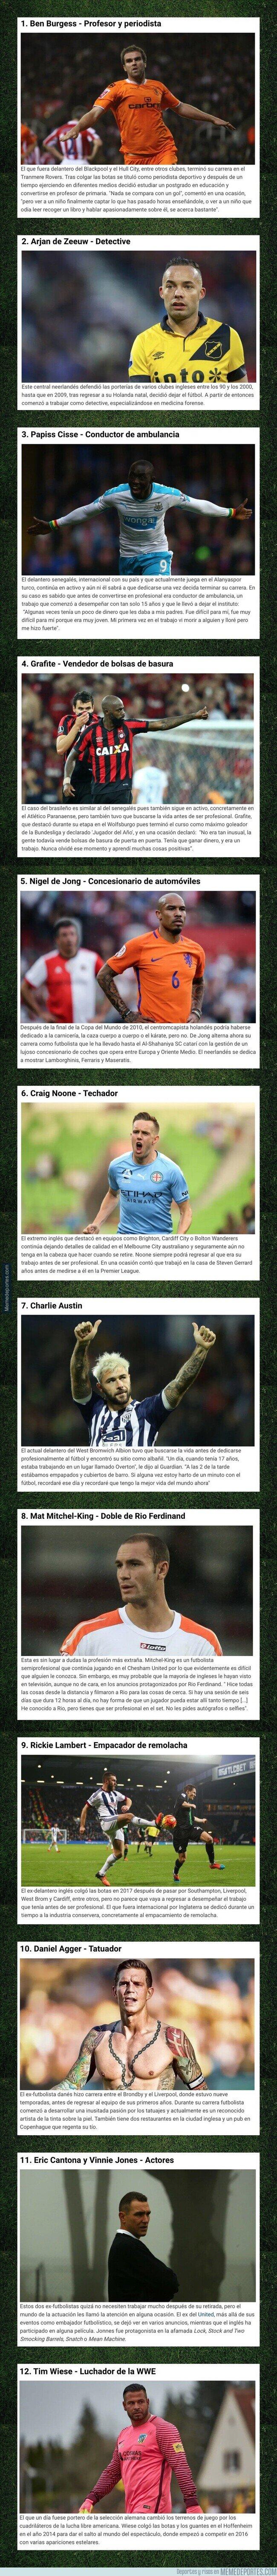 1102192 - Las profesiones más raras a la que se dedican estos ex-futbolistas famosos